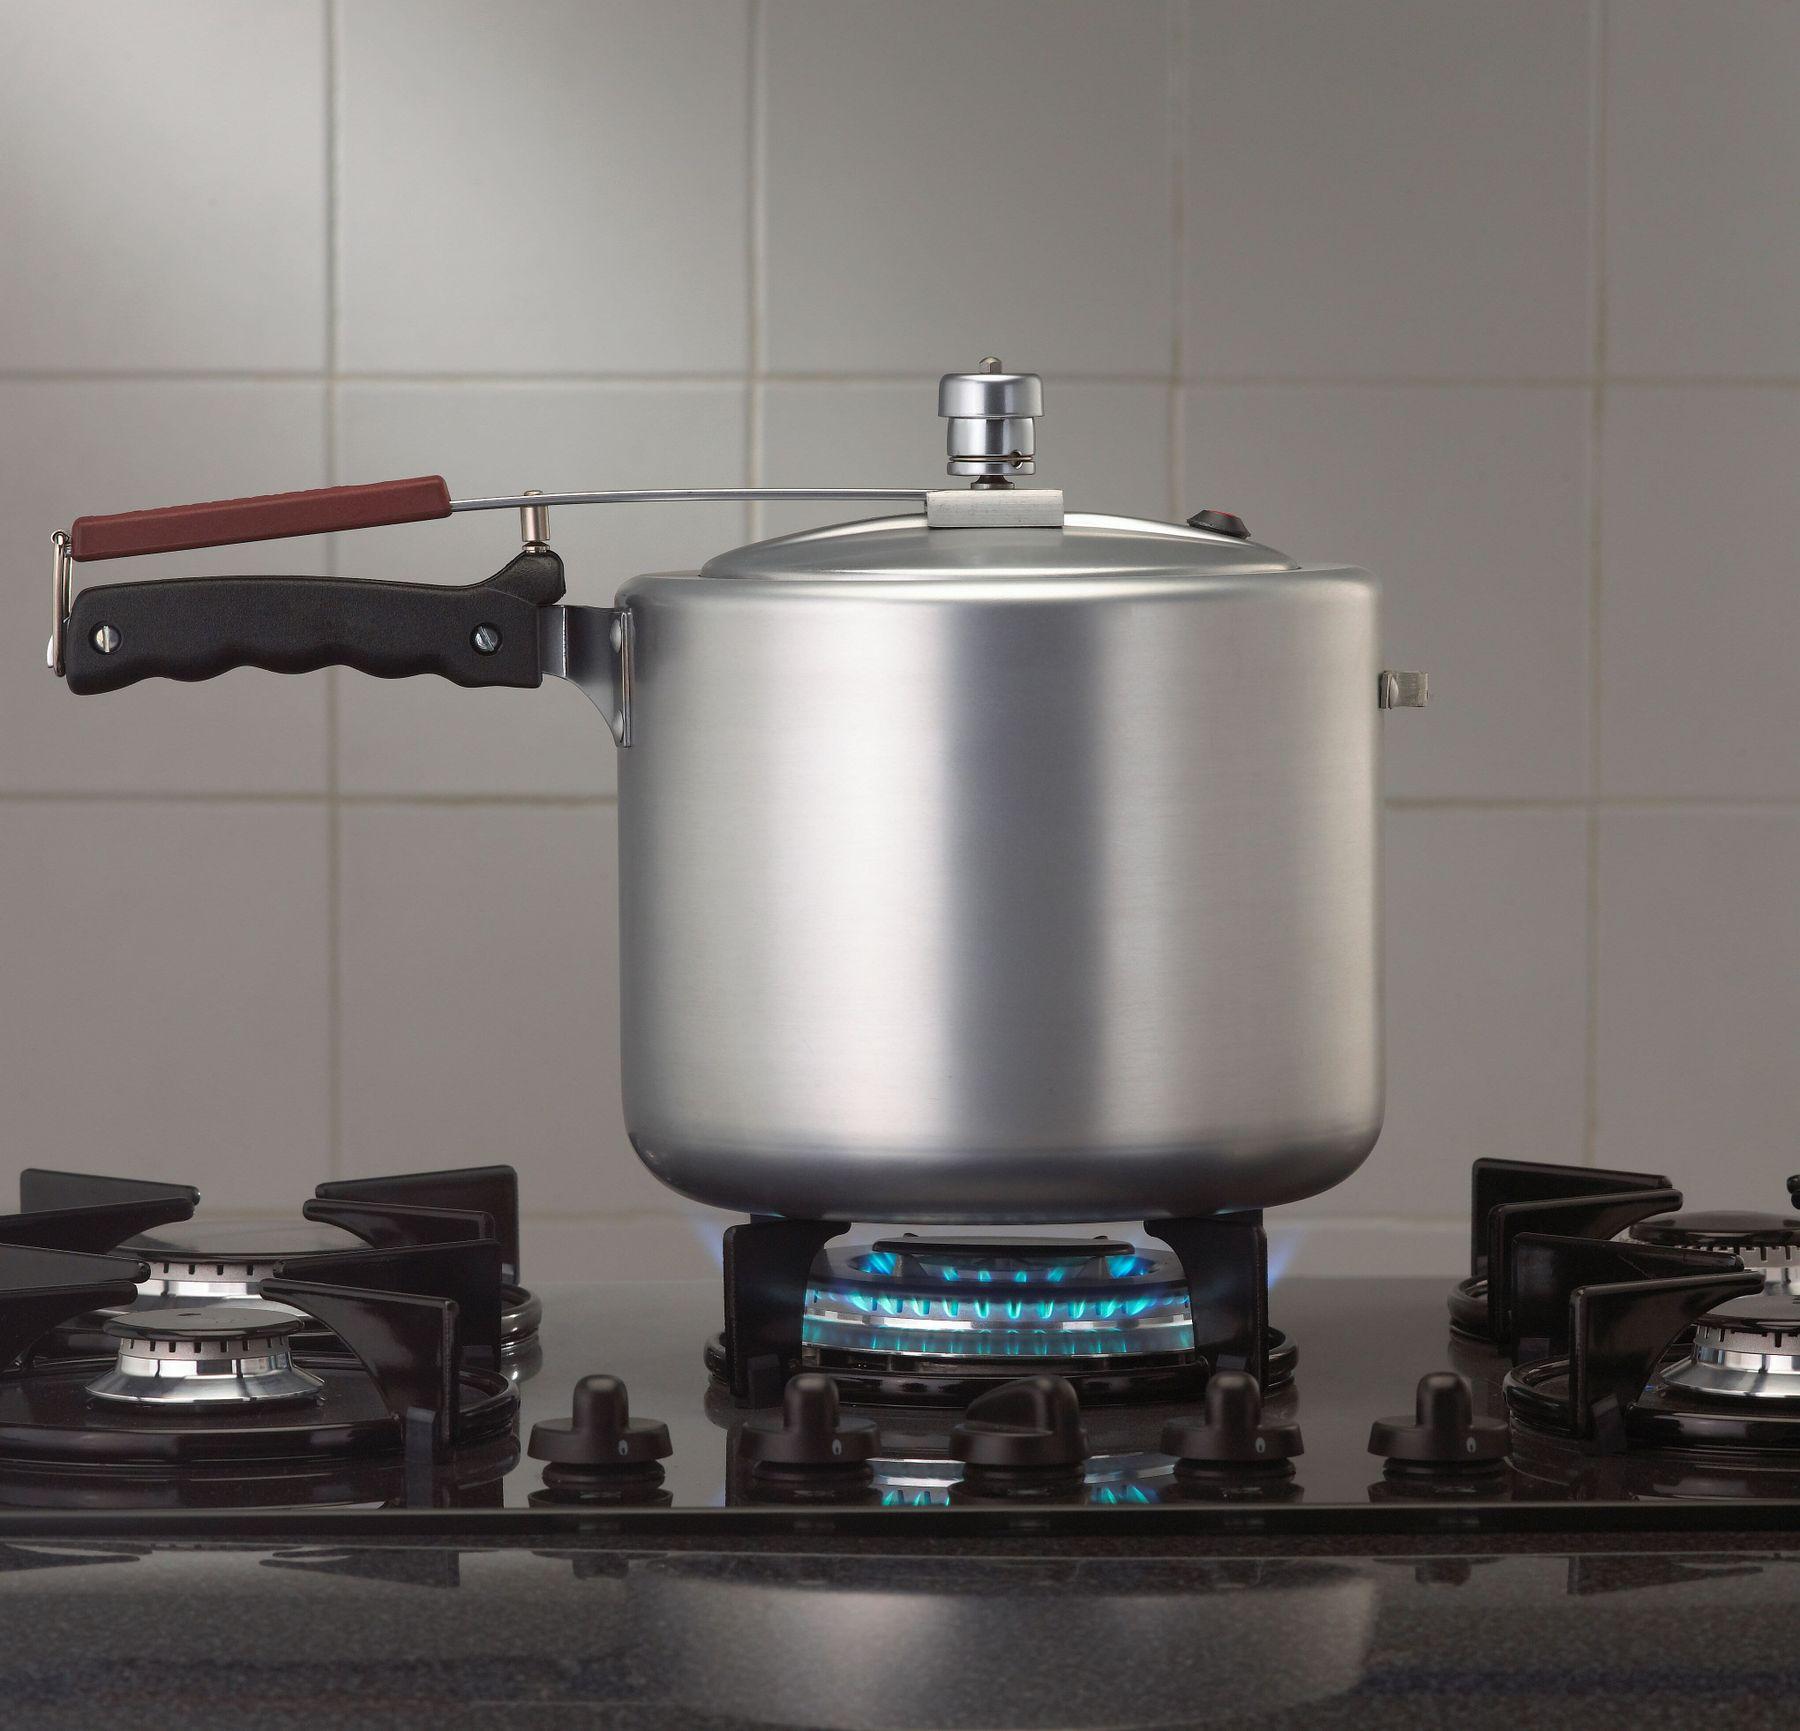 Đặt nồi áp suất lên bếp cho ngay ngắn